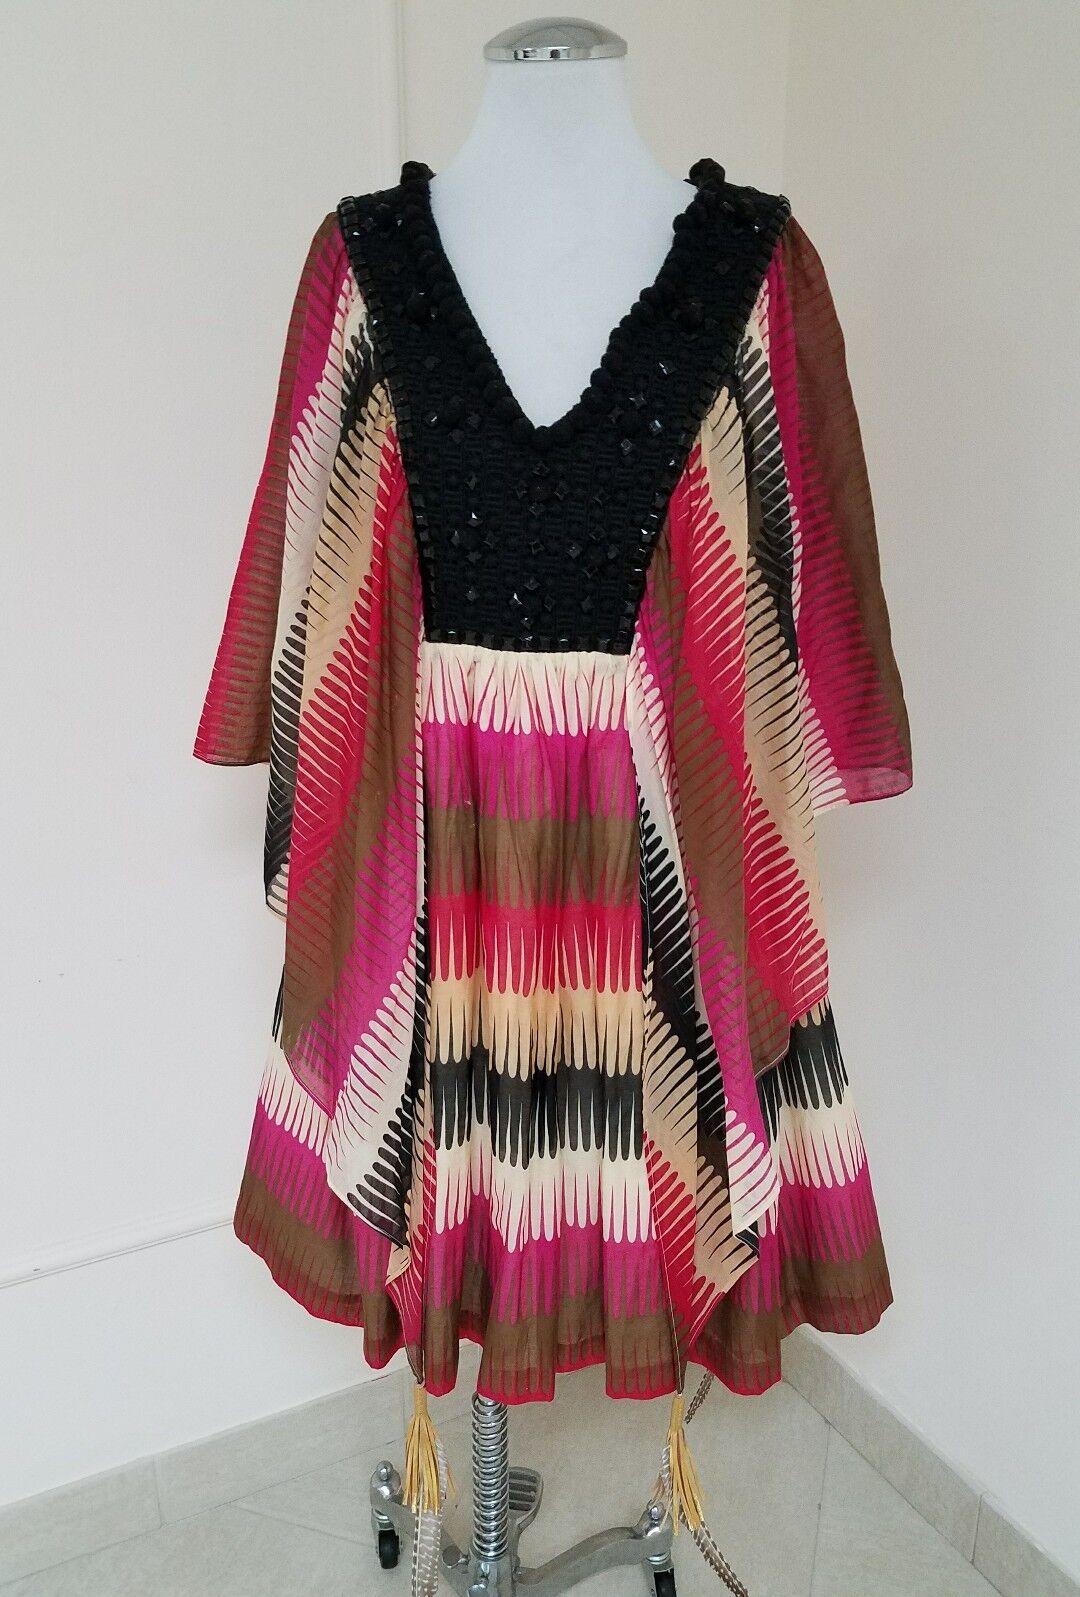 Manoush Manoush Manoush Embellished Dress with Tassels and Feathers Size 8 643ff2